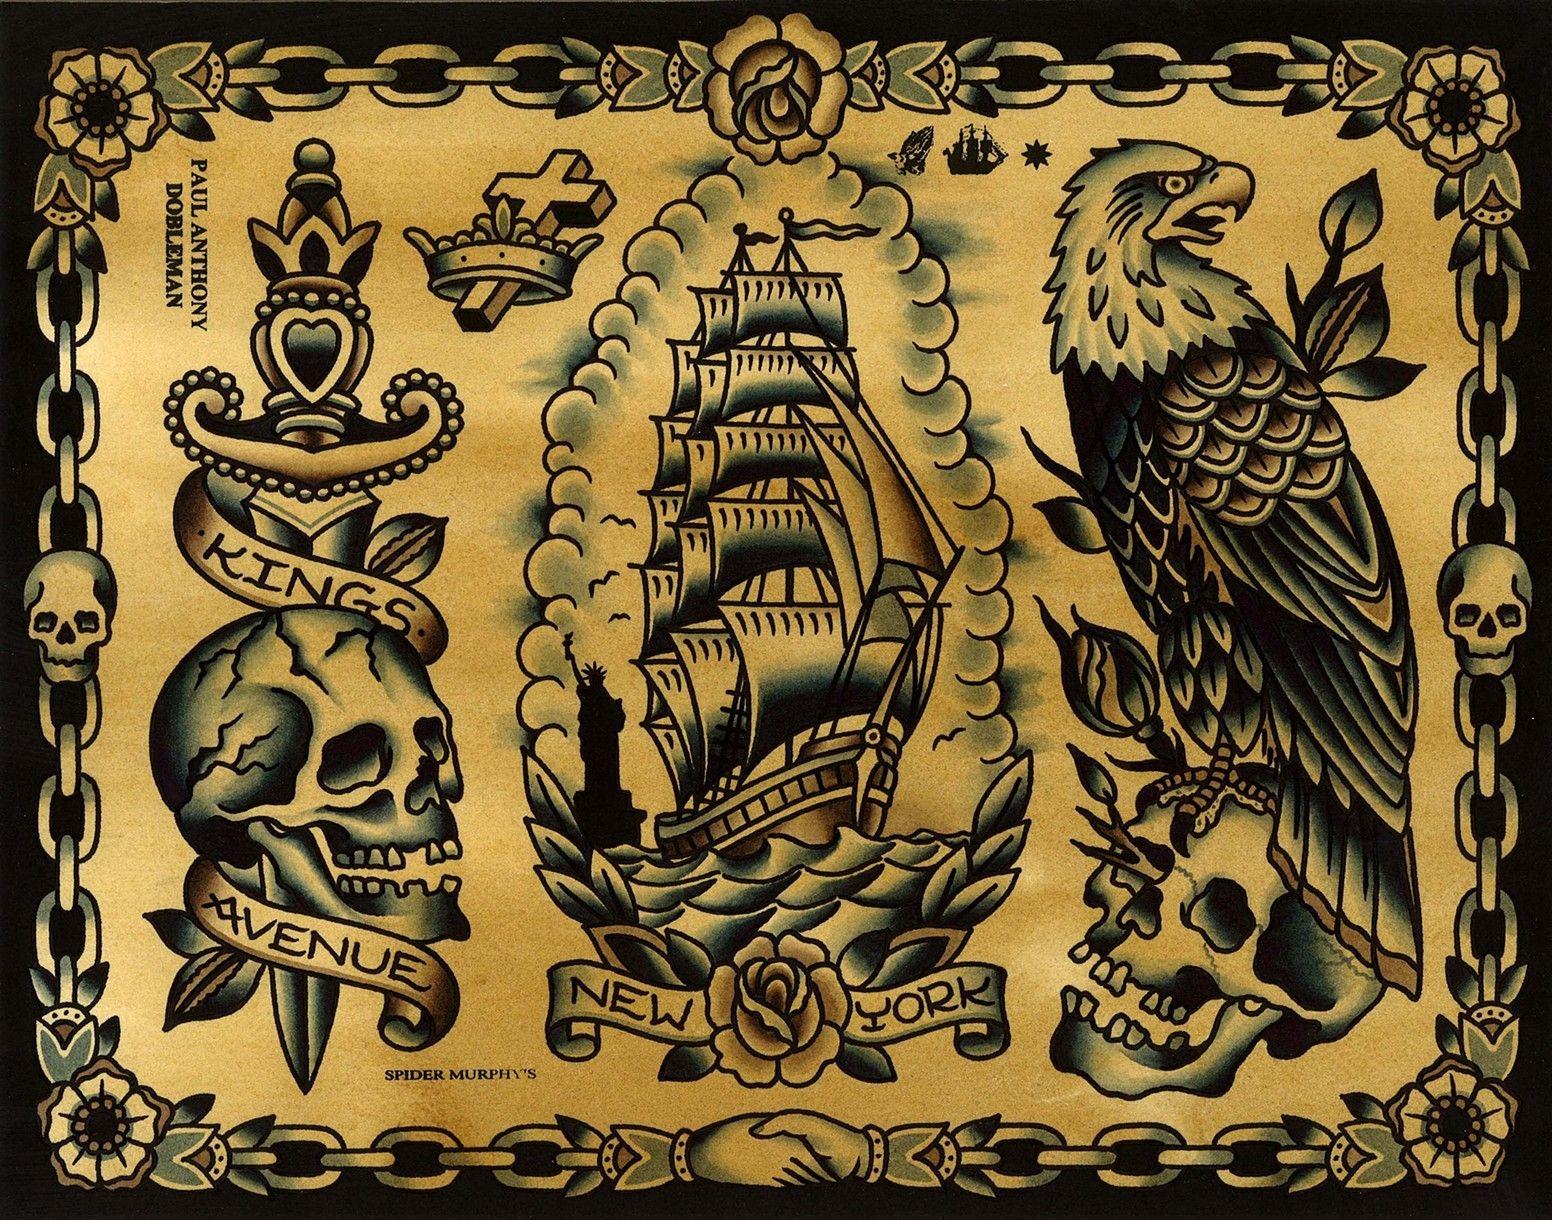 1ab29cbf1 Tattoo Flash, Kings Avenue Tattoo, New York, Eagle Tattoo, Ship Tattoo,  Dagger Tattoo